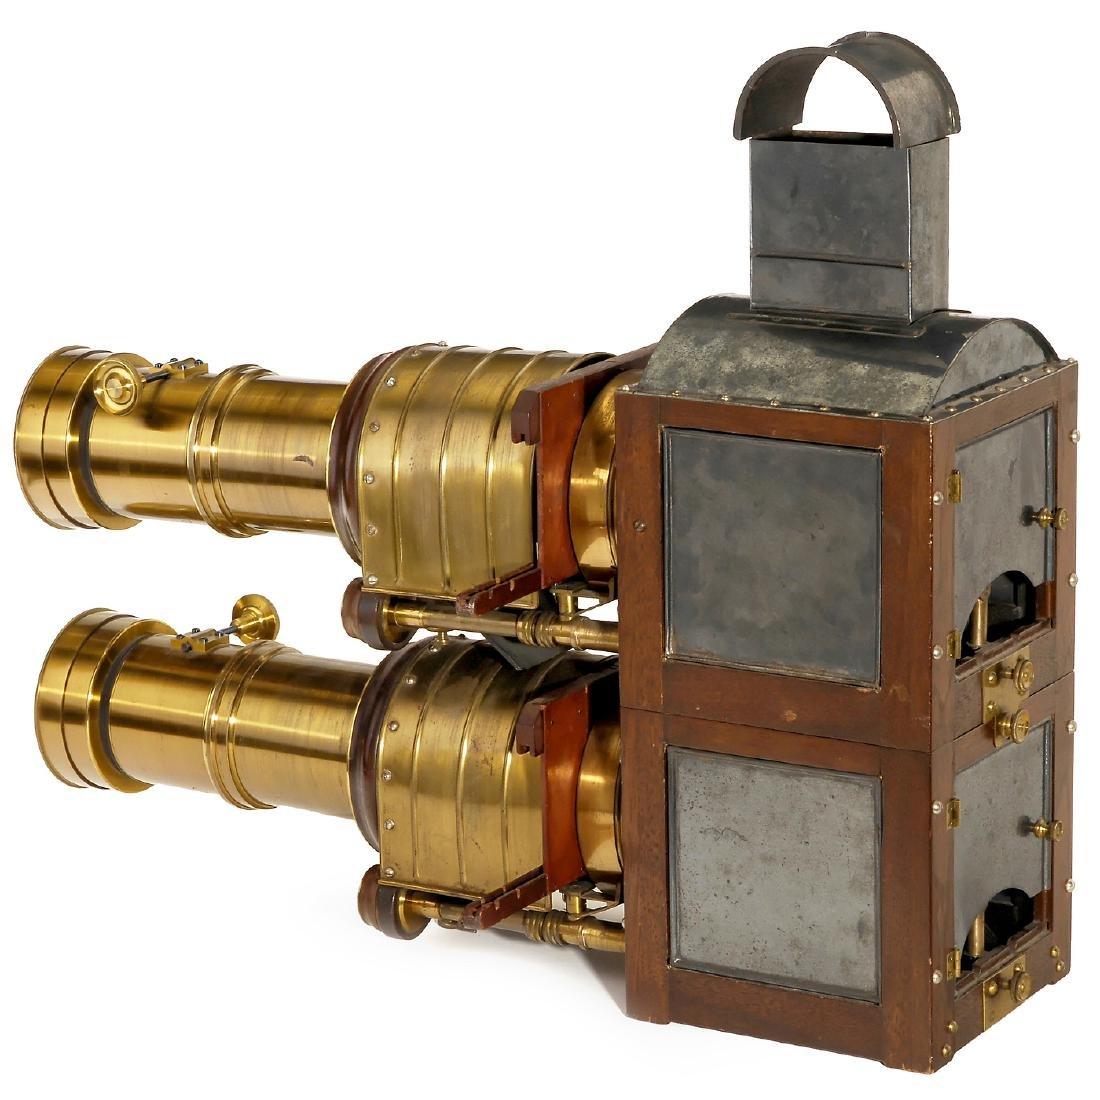 Biunial Magic Lantern with Petzval-Type Darlot Lenses, - 2